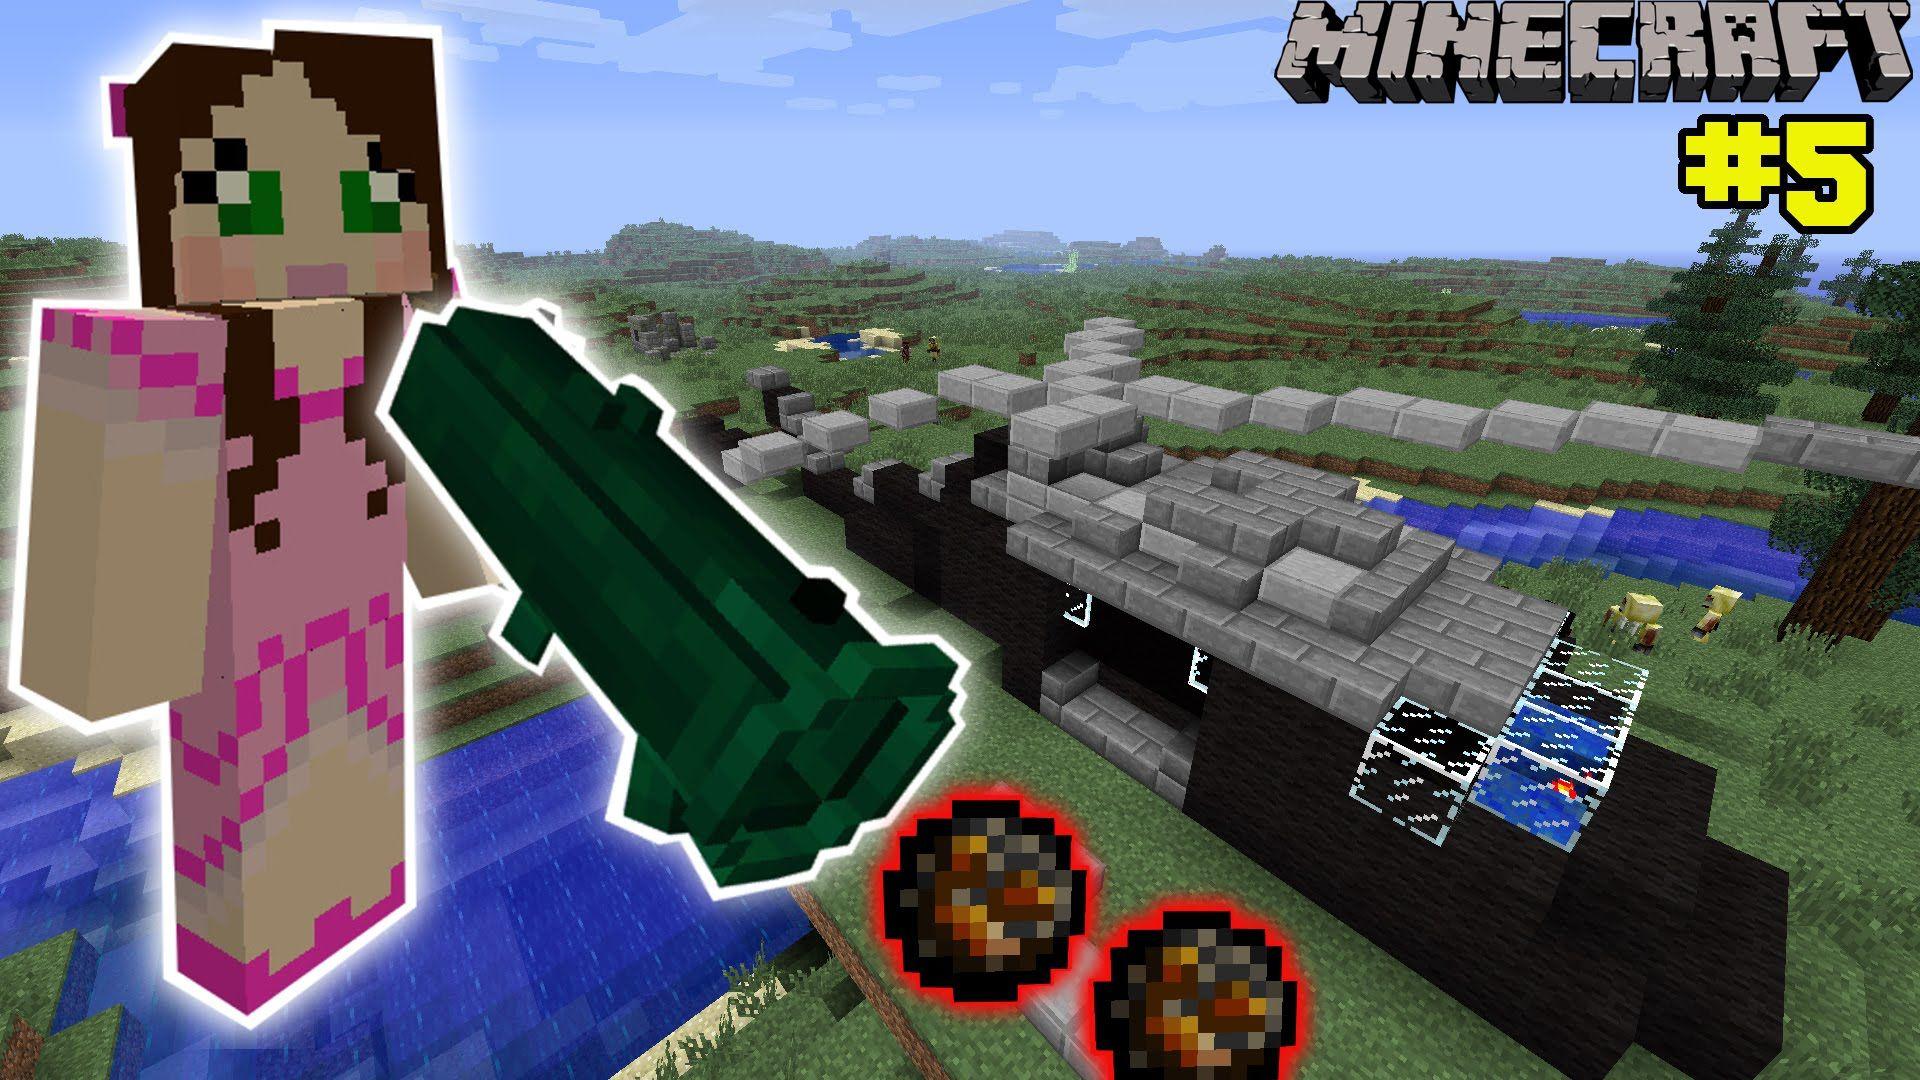 d286060f3a4cd74b2112d8f87361849a - How To Get The Crafting Dead On Minecraft Pc